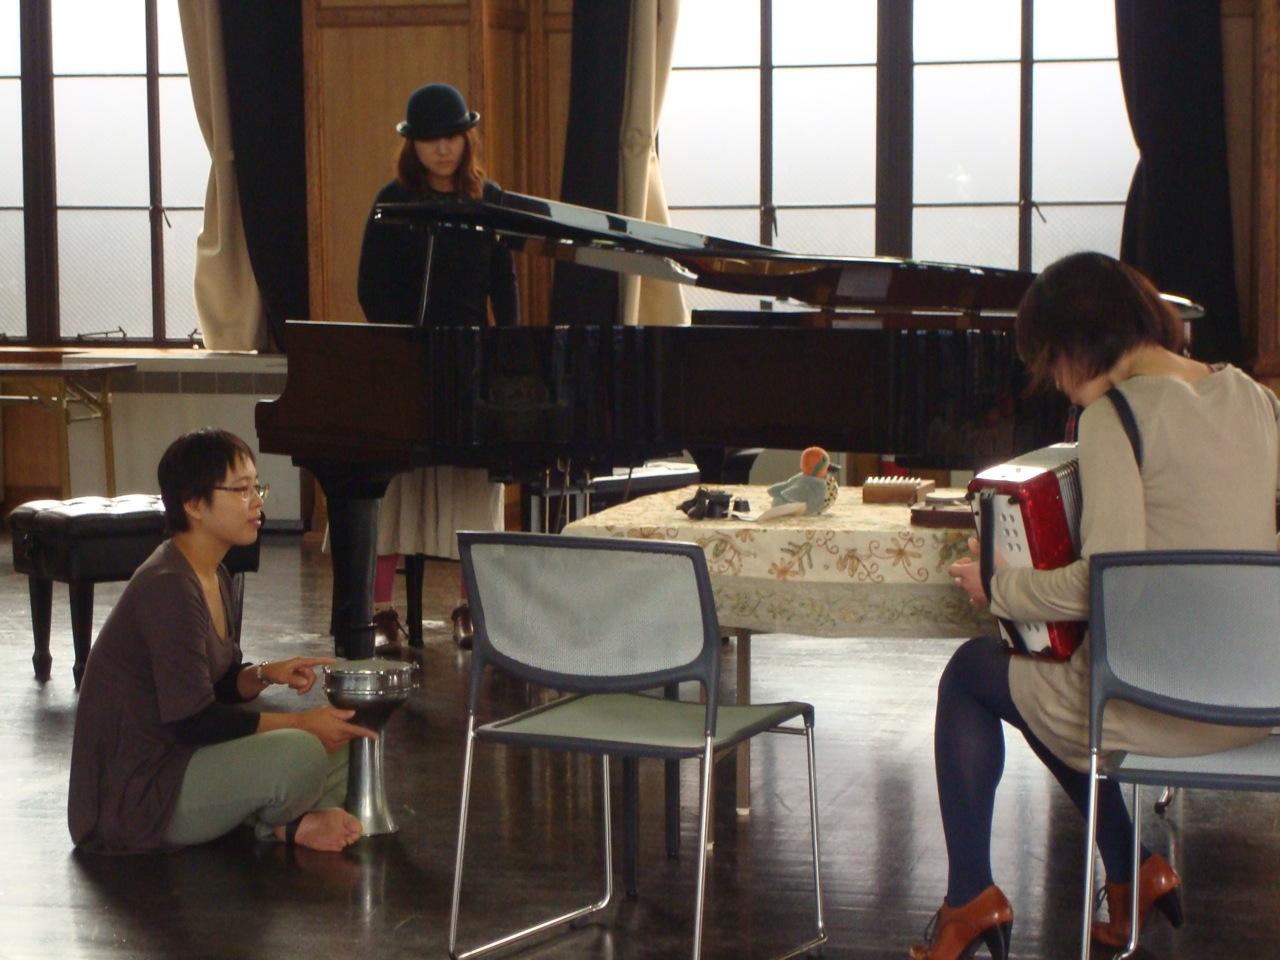 昨年12月「即興音楽の部屋」(2012年12月/京都芸術センター) …三日間とぎれることなく即興演奏が続けられた。